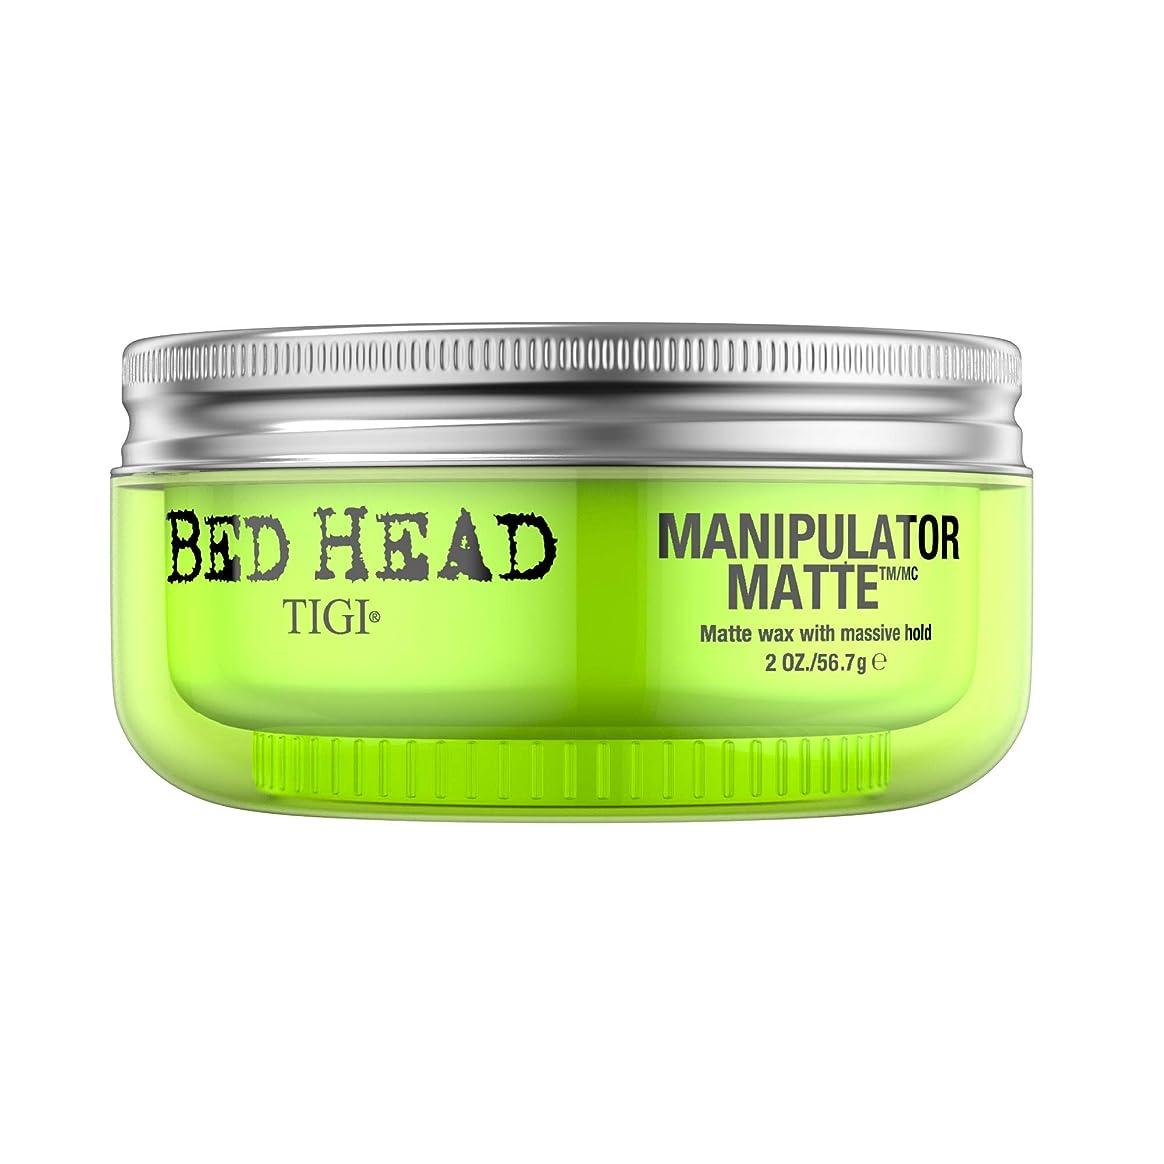 姉妹葉っぱコショウティジー Bed Head Manipulator Matte - Matte Wax with Massive Hold 57.2g/2oz [海外直送品]